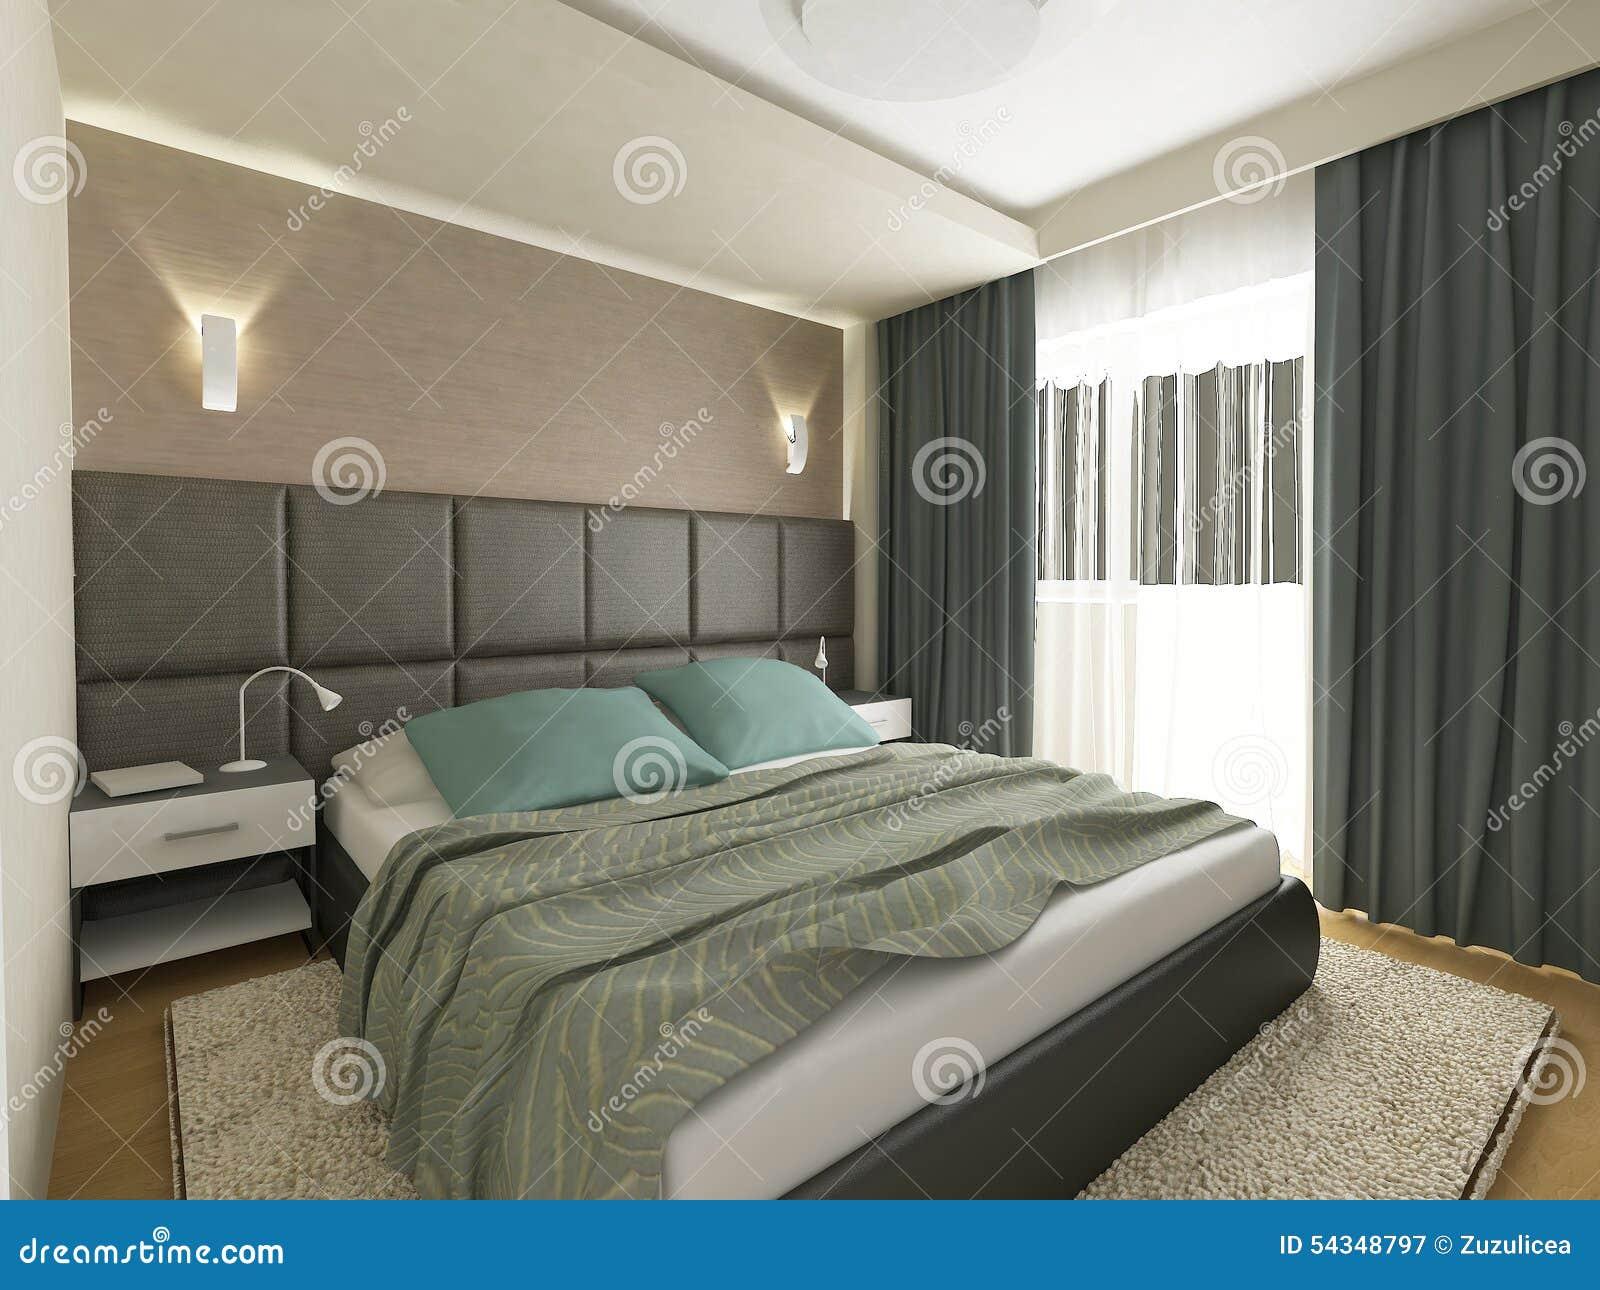 La camera da letto elegante 3d rende illustrazione di for Camera letto 3d